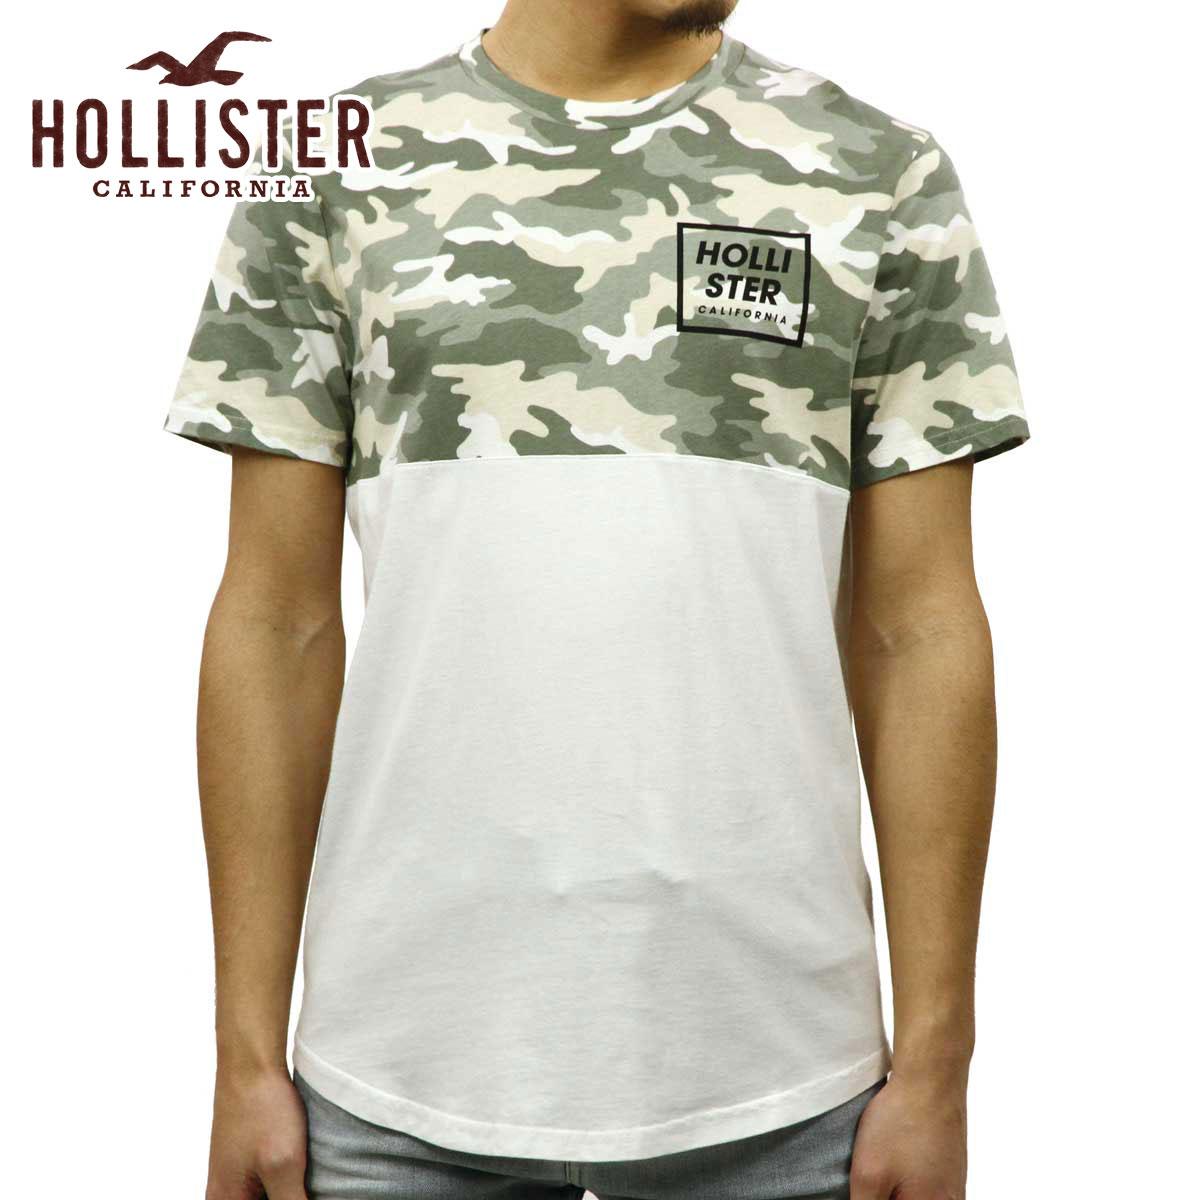 ホリスター HOLLISTER 正規品 メンズ 半袖クルーネックTシャツ Camo Graphic Tee 323-243-2244-186